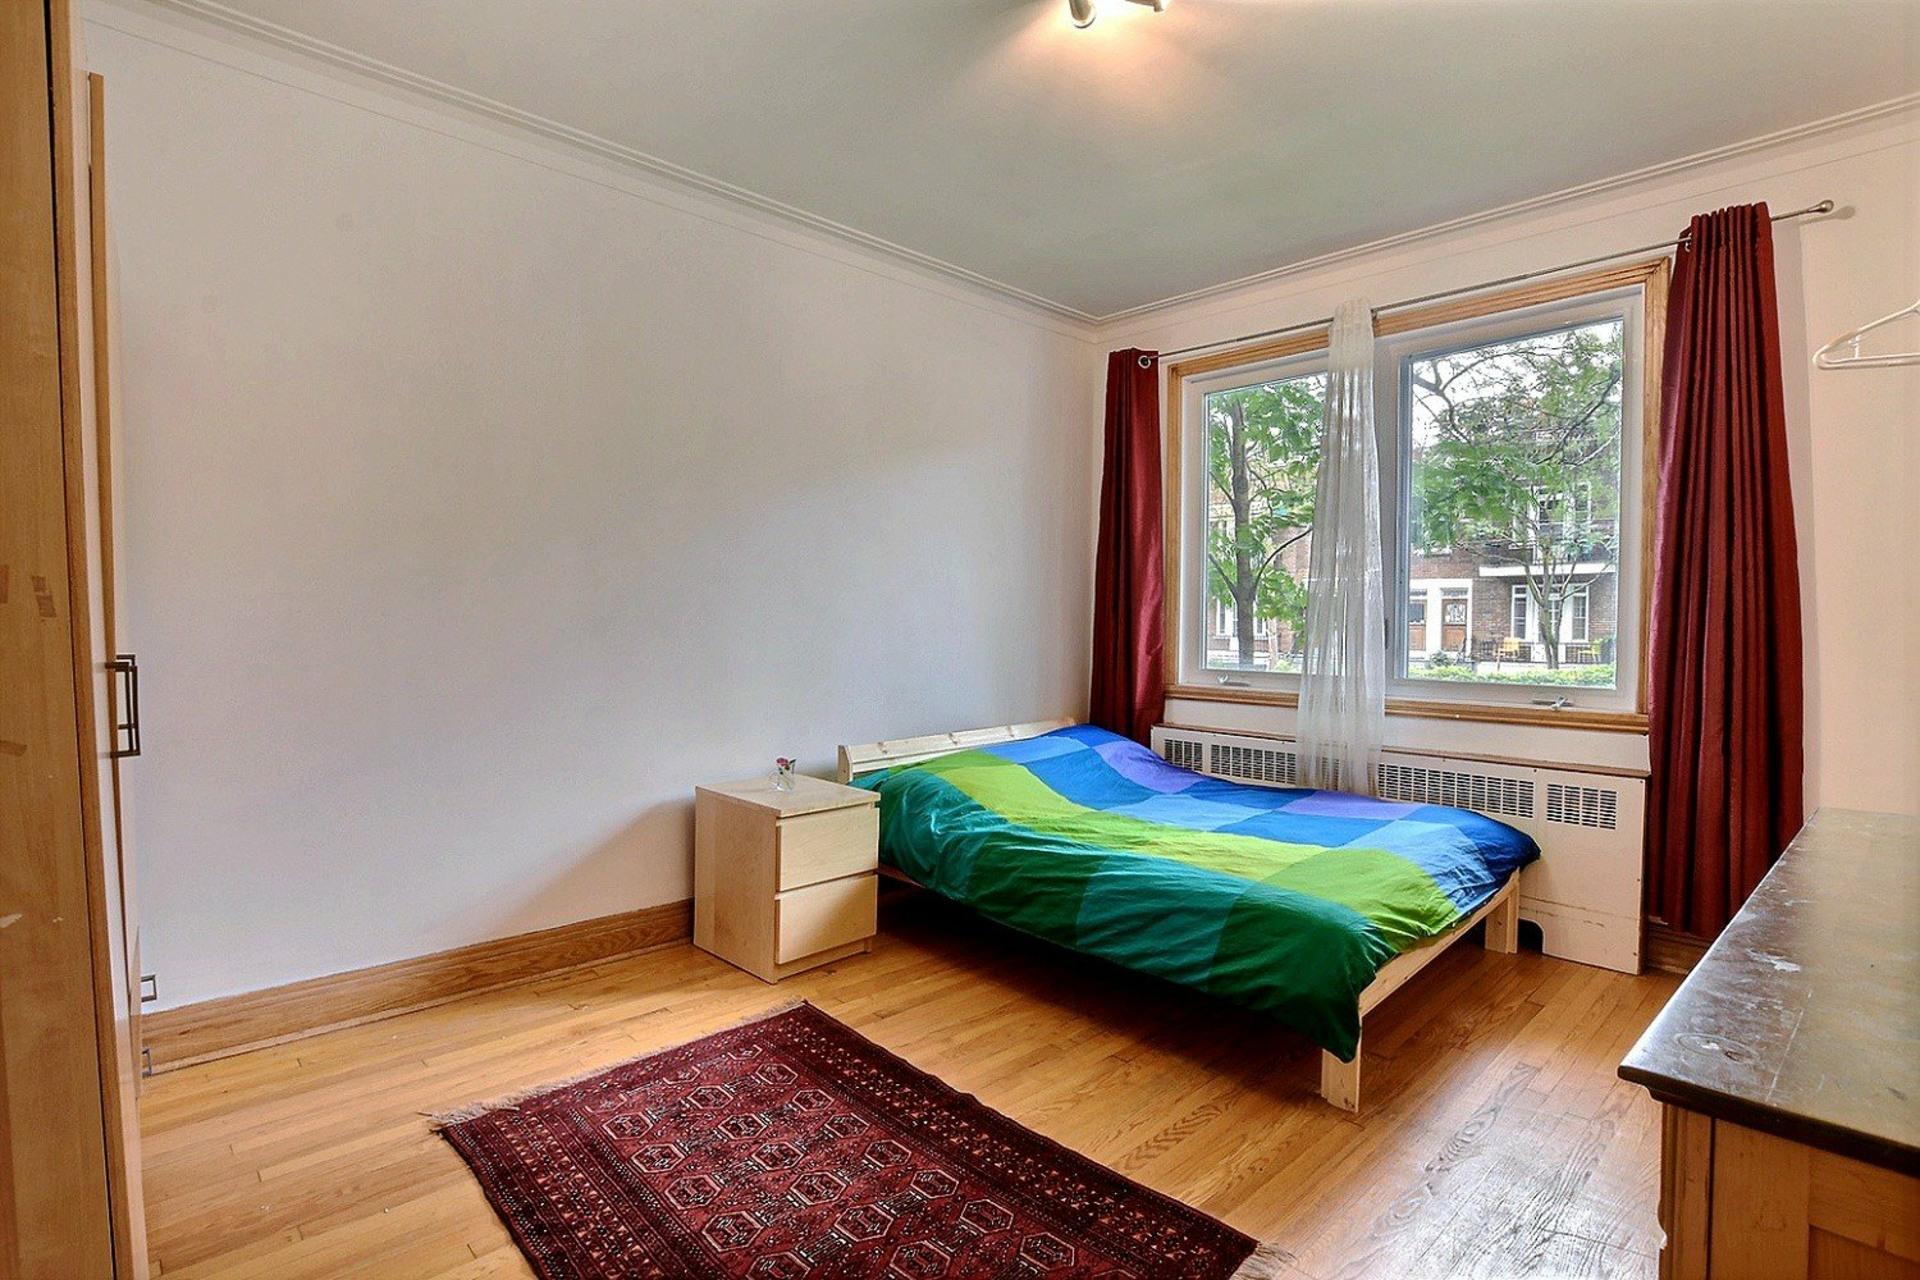 image 16 - Appartement À louer Côte-des-Neiges/Notre-Dame-de-Grâce Montréal  - 5 pièces